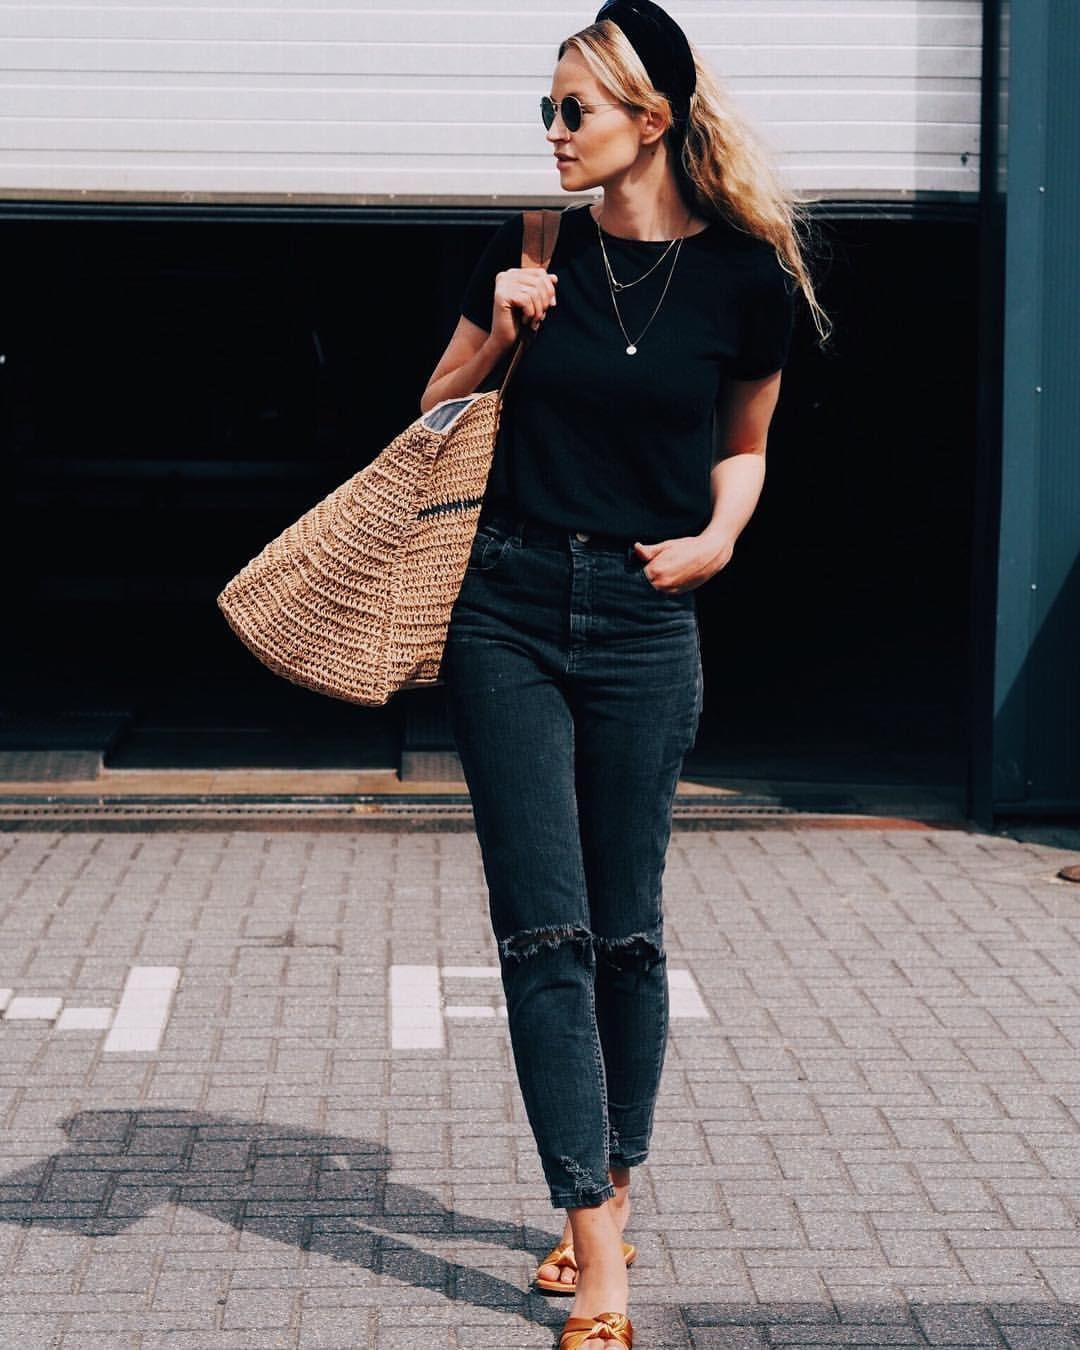 993 vind-ik-leuks, 26 reacties - Anouk Yve (Anouk Yve) op Instagram: 'Lady in black vol. 256 ♠️ #ootd'